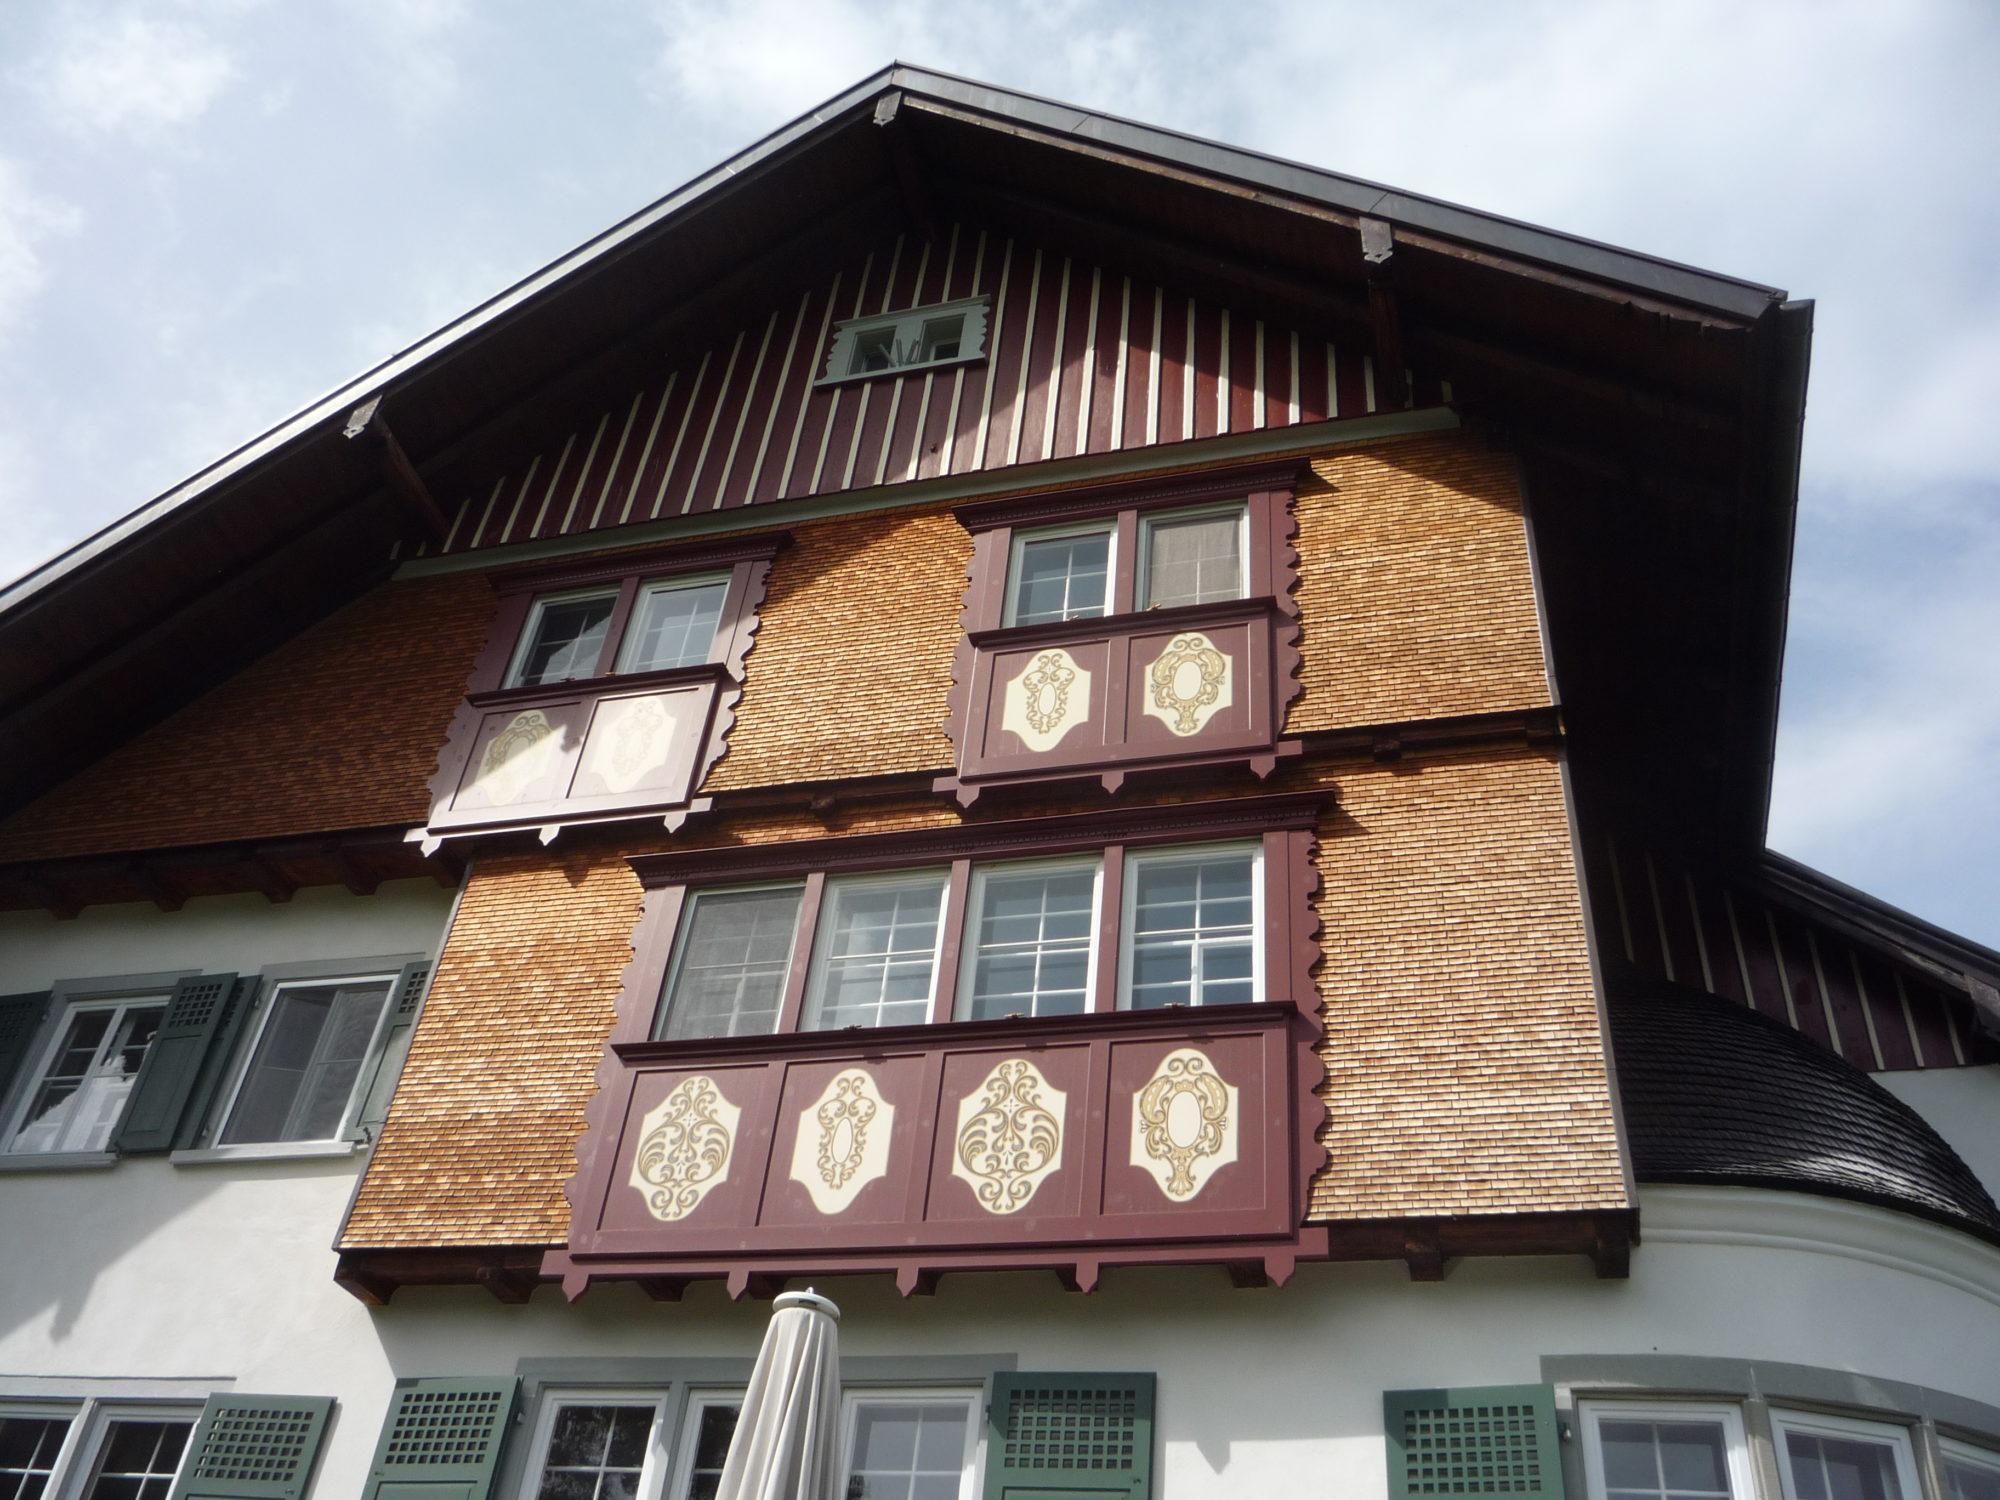 Tafelmalerei Wohnhaus, Werdenberg